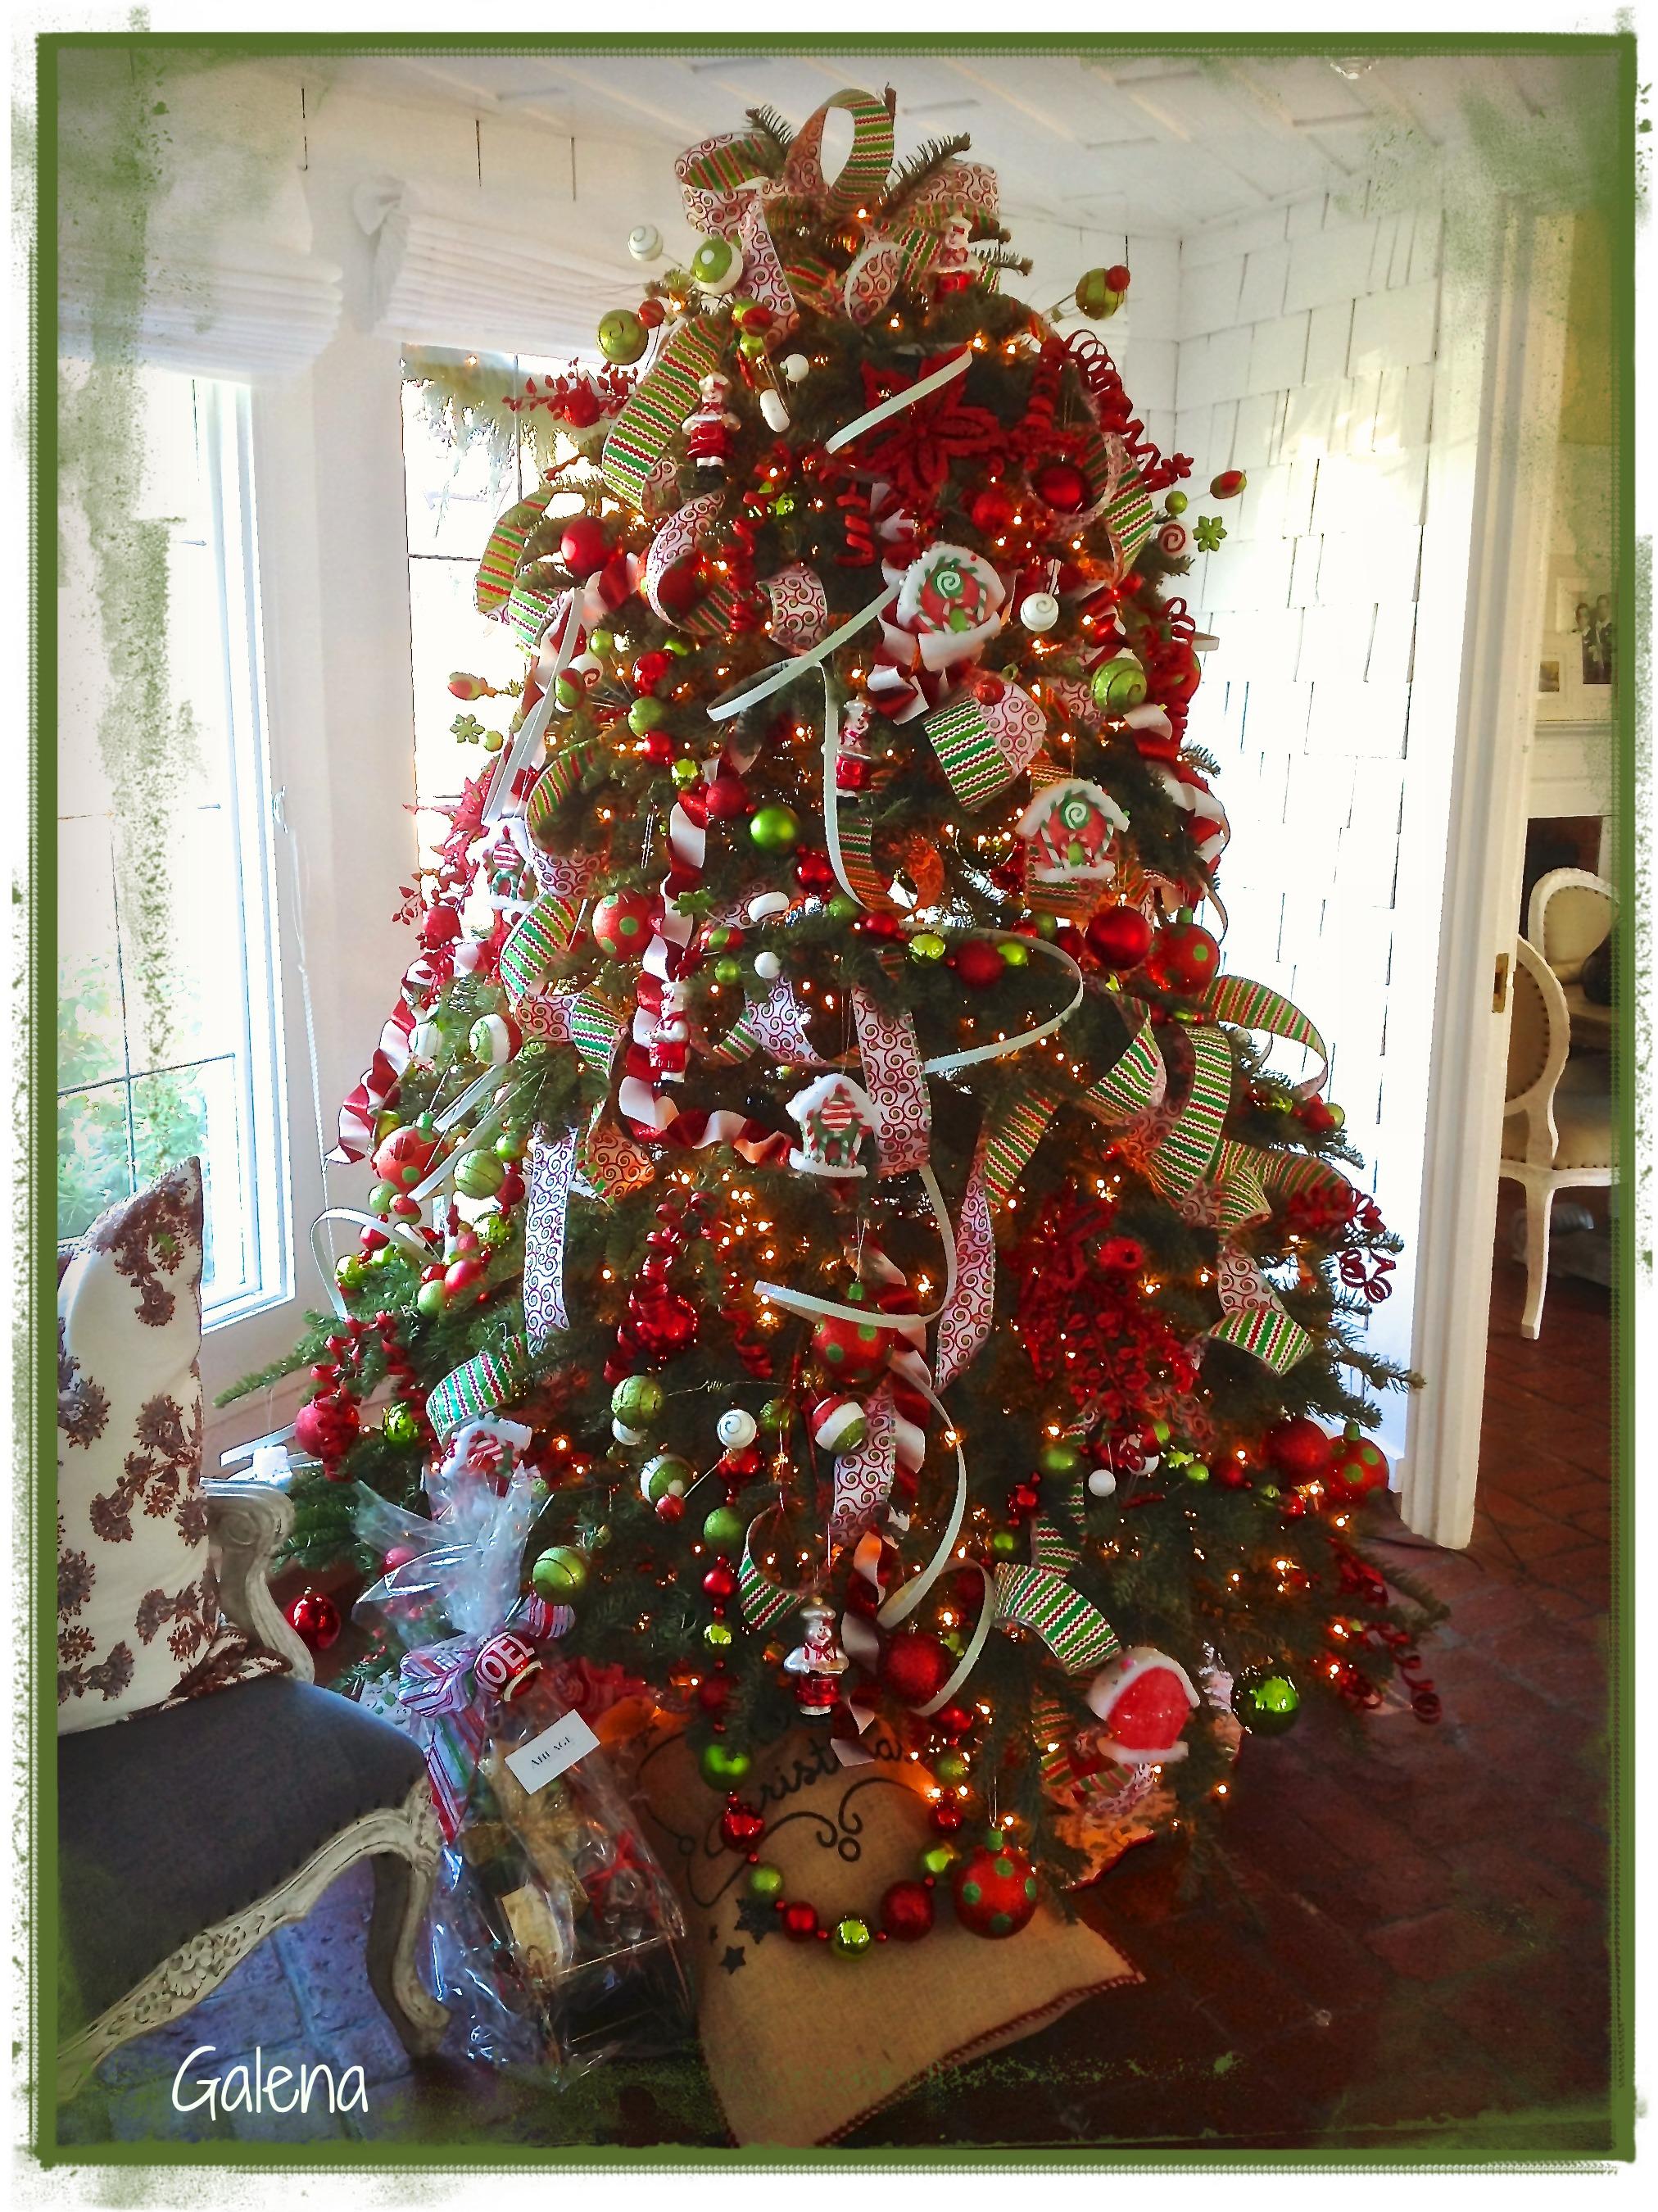 navidad es la alegra cuando hay nios en casa as es que tambin pusimos un rbol ms infantil y colorido adems gordo y bombacho como pap noel